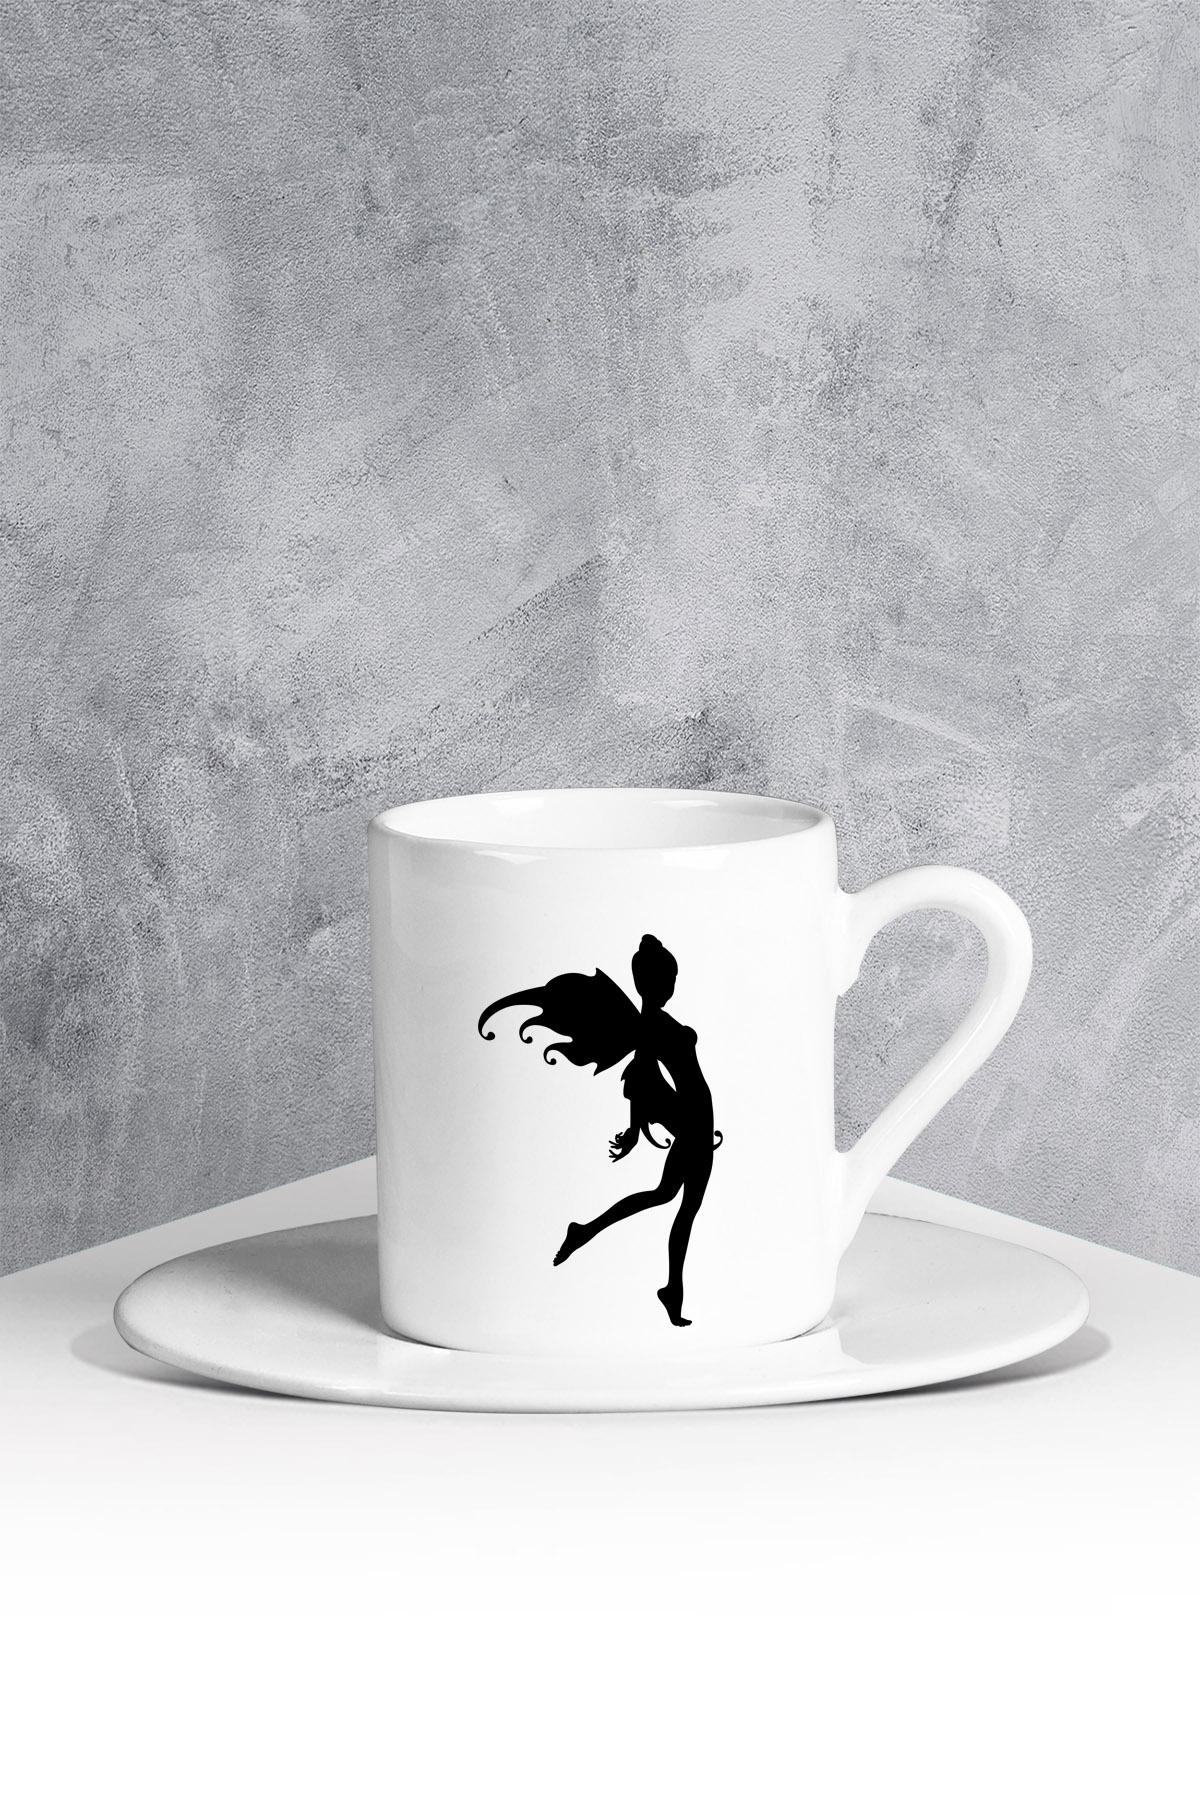 كوب قهوة أبيض بطبعة جنية